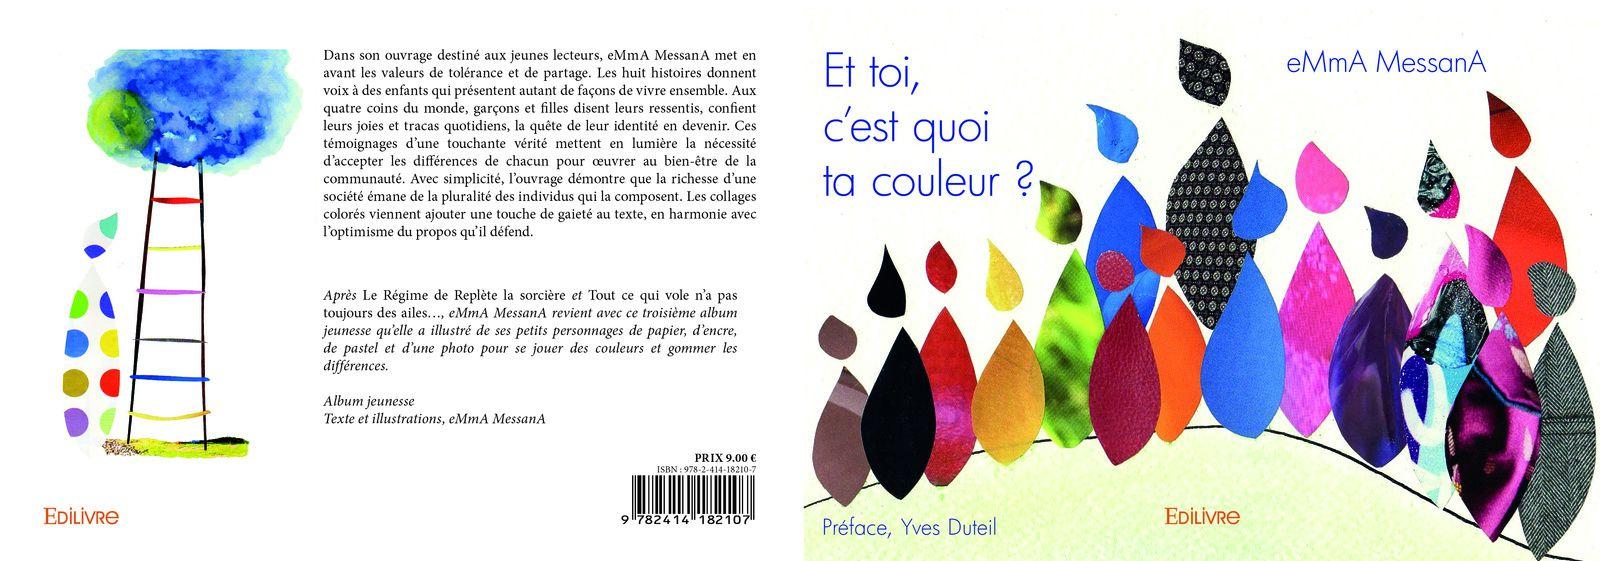 """Album jeunesse auto-édité en 2018 chez EDILIVRE, """"Et toi, c'est quoi ta couleur?"""". Préface, Yves Duteil © eMmA MessanA"""